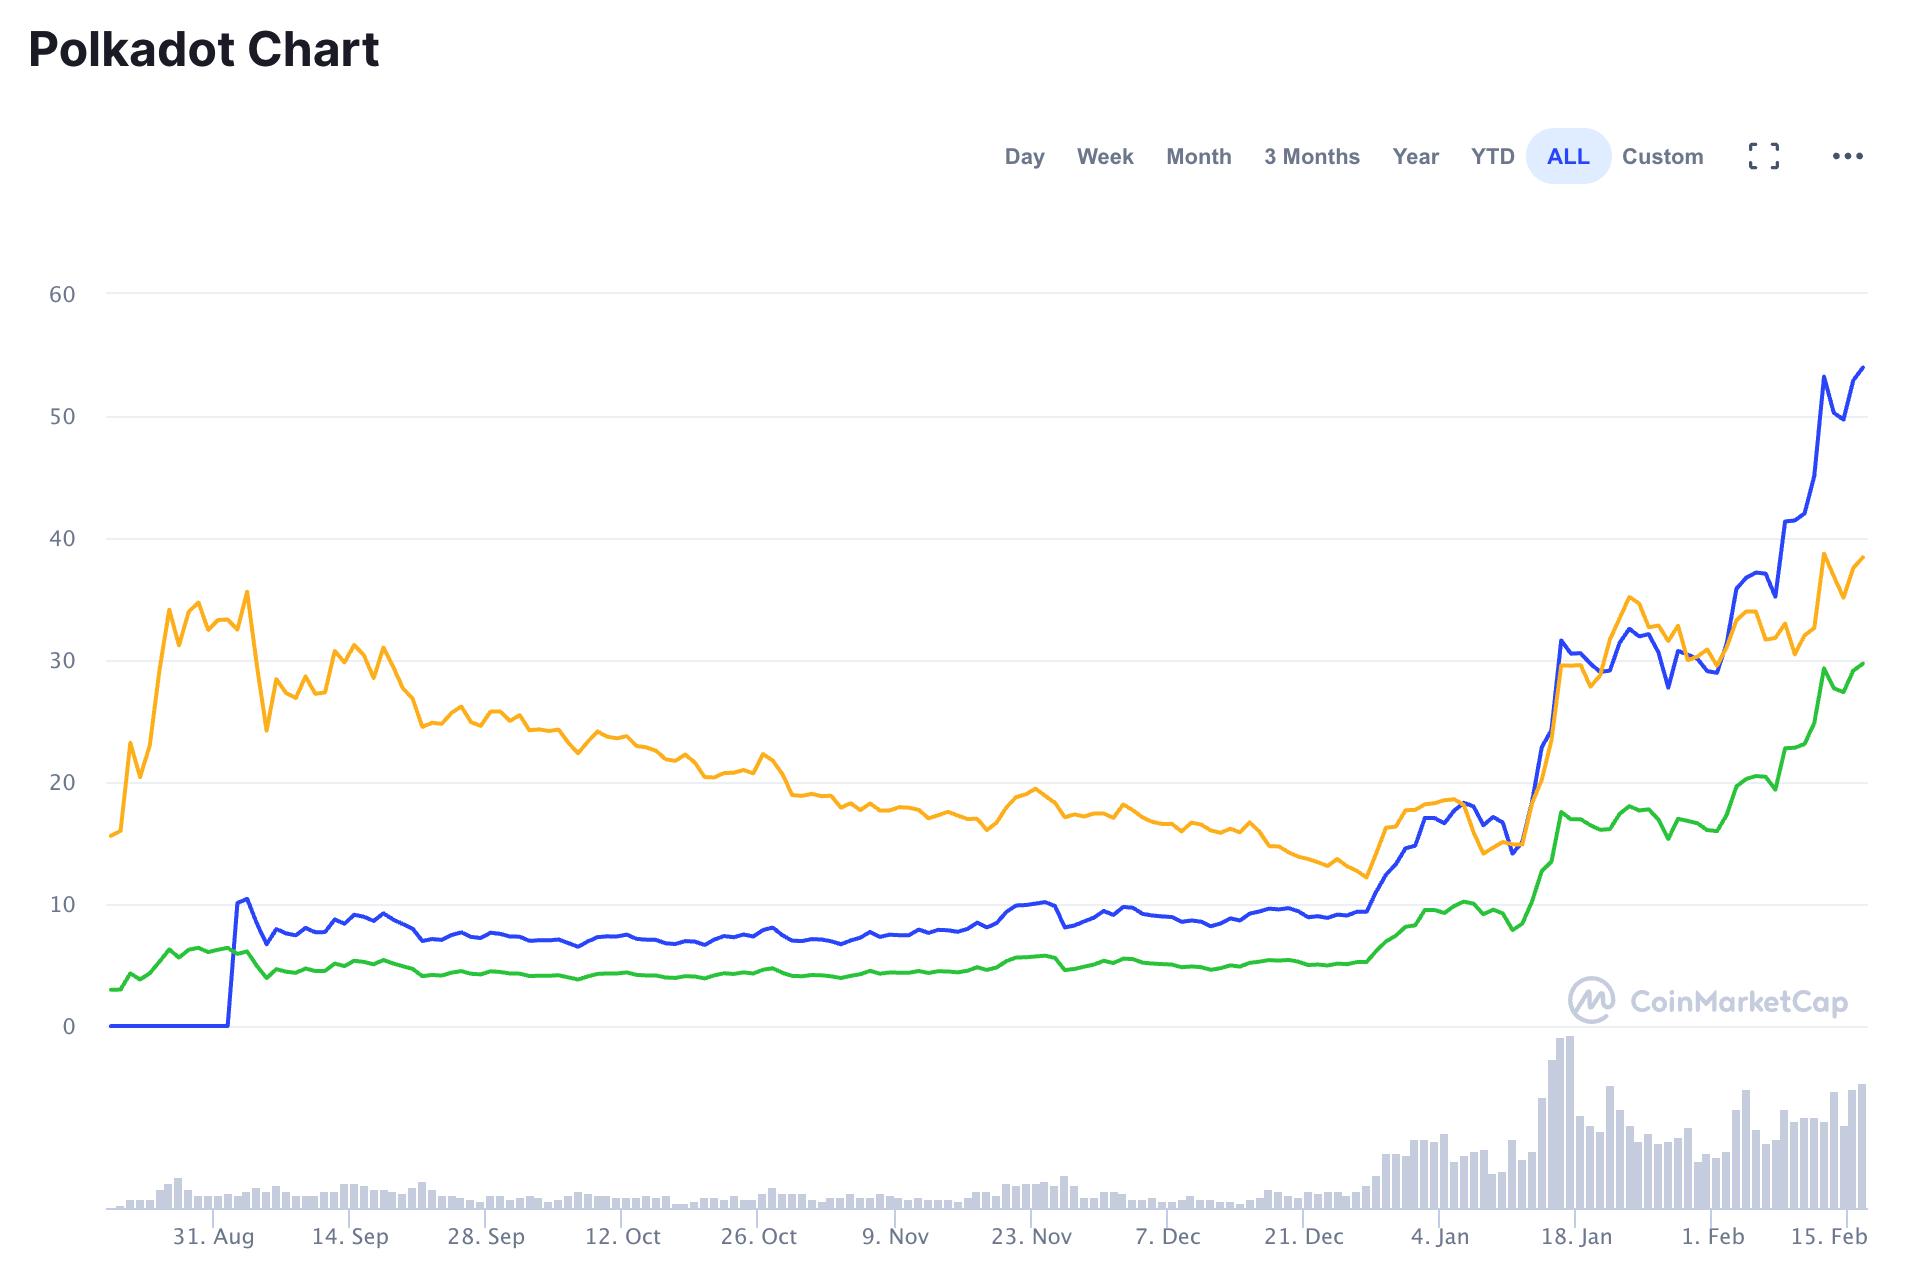 Polkadot Price Trends